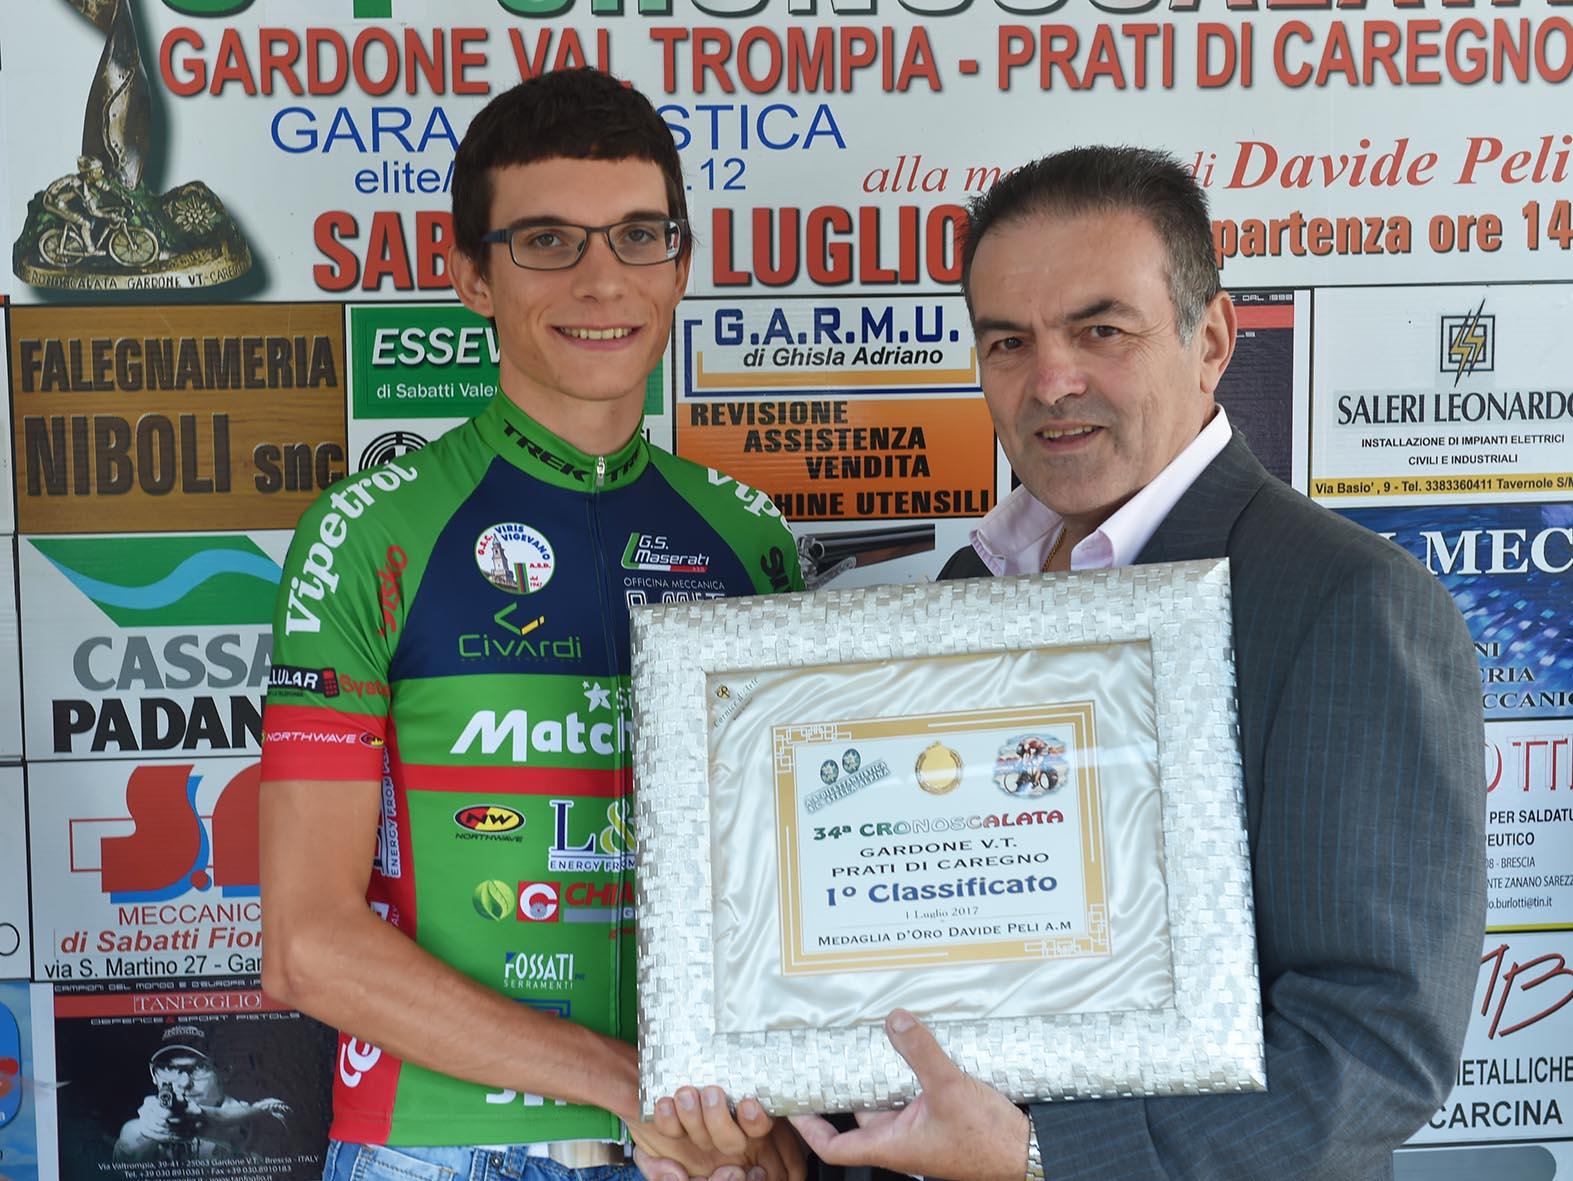 La premiazione di Alberto Amici a Prati di Caregno